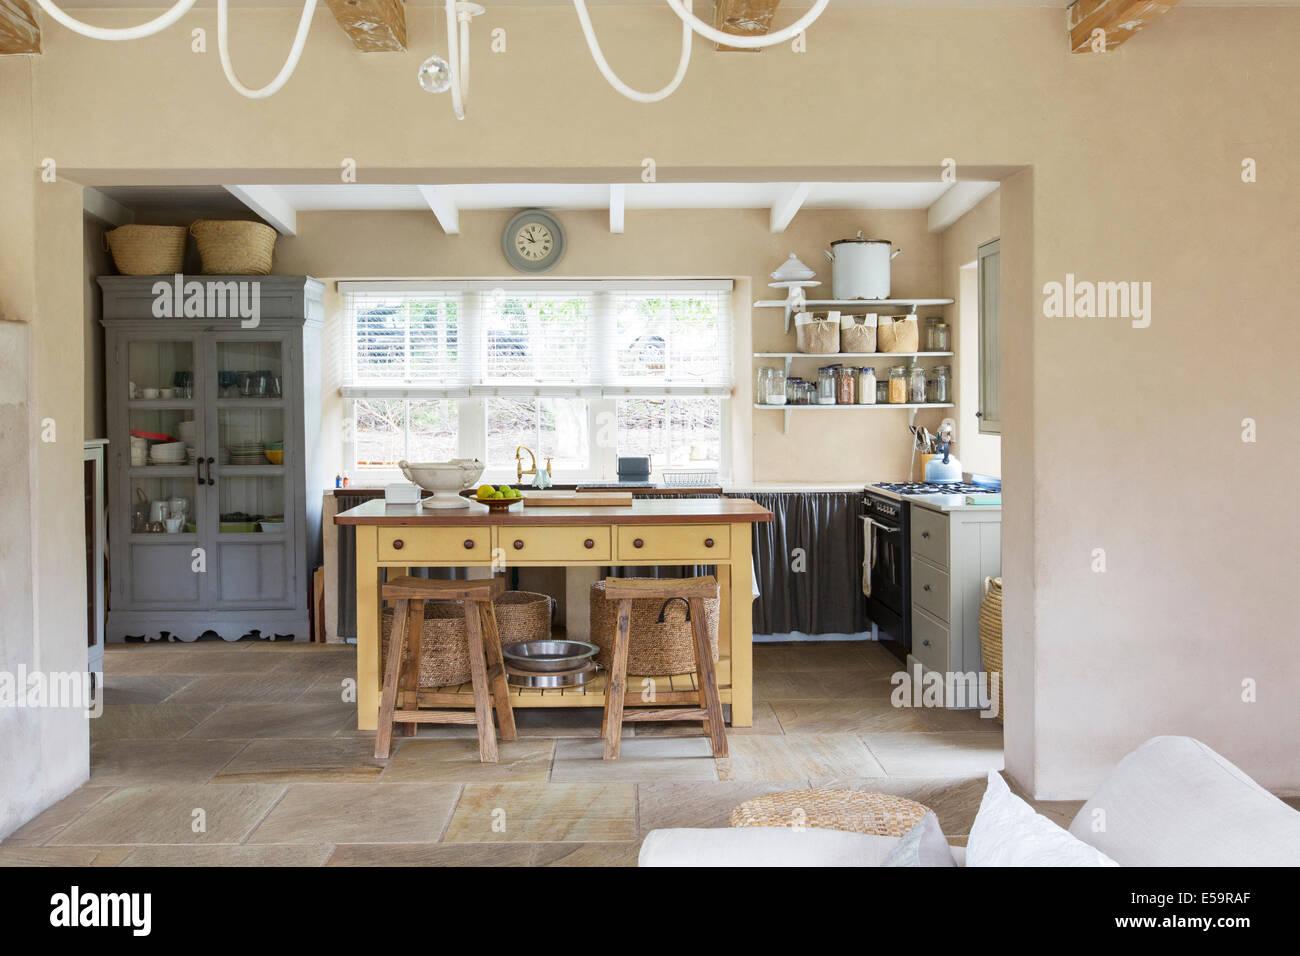 Isola nella cucina di casa rustico Immagini Stock